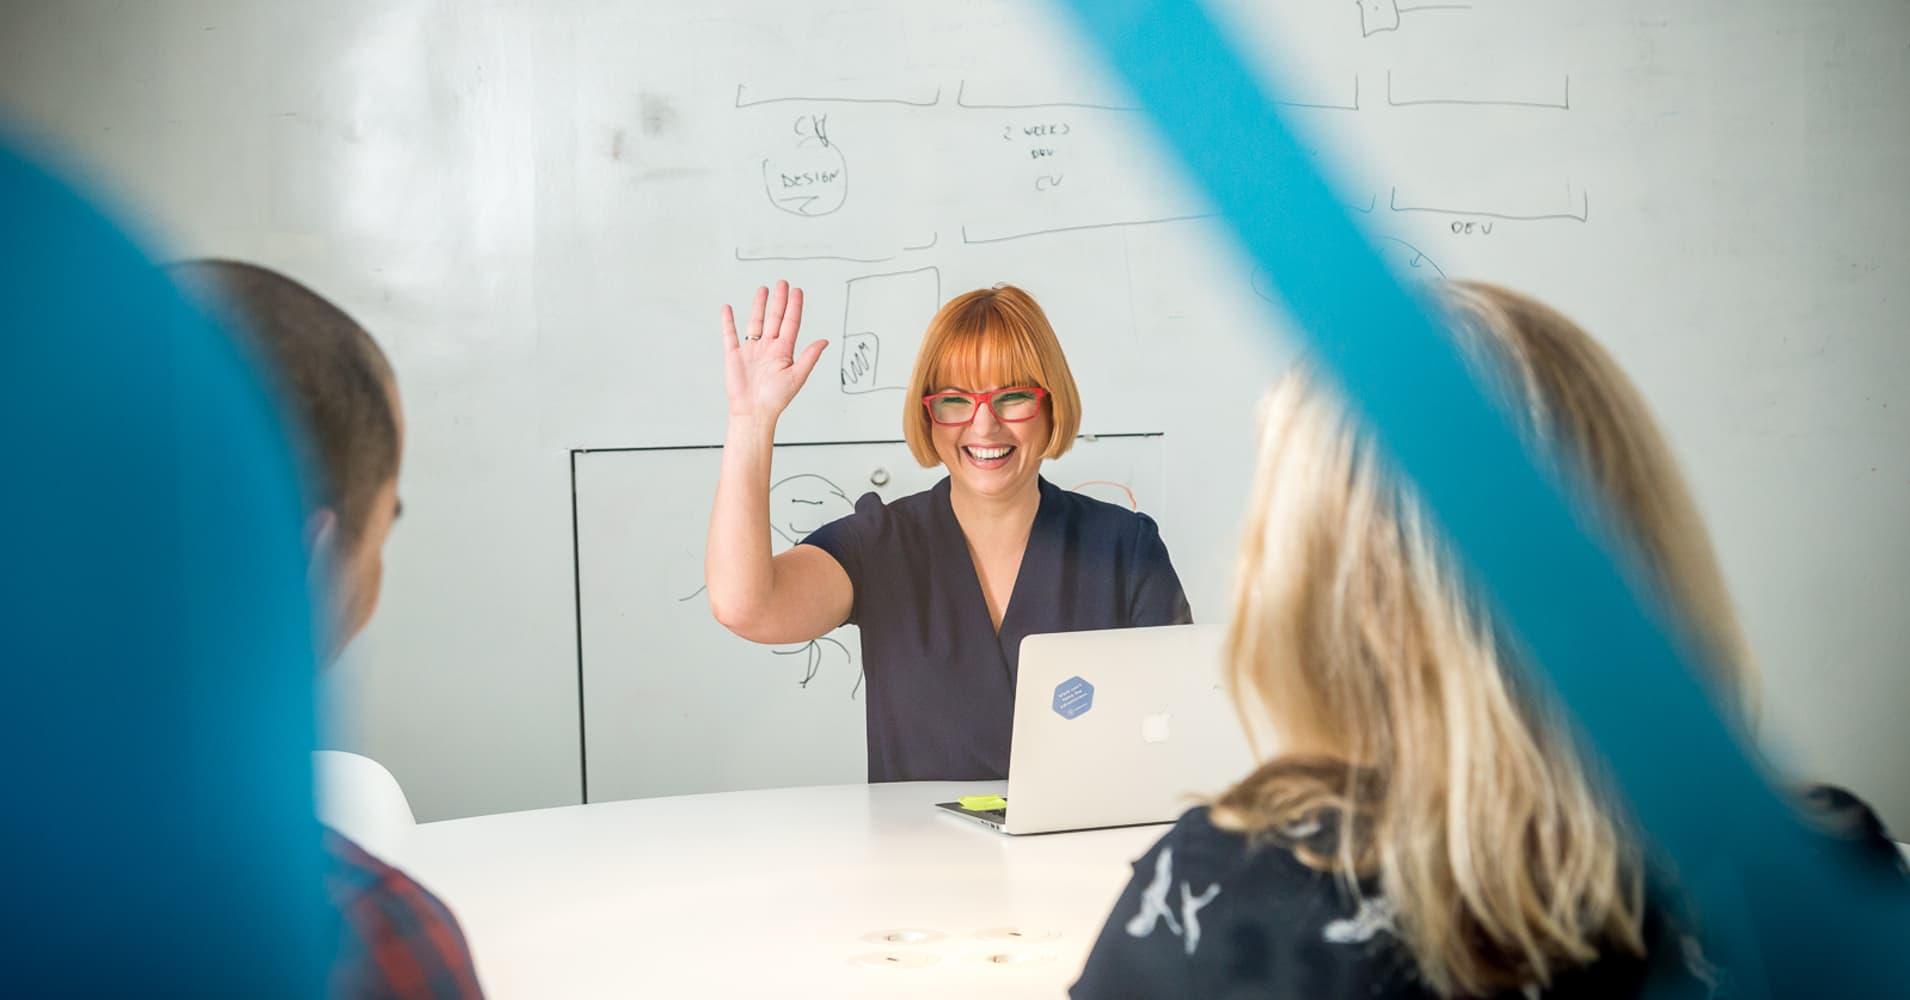 Karoli Hindriks, founder and CEO of Jobbatical.